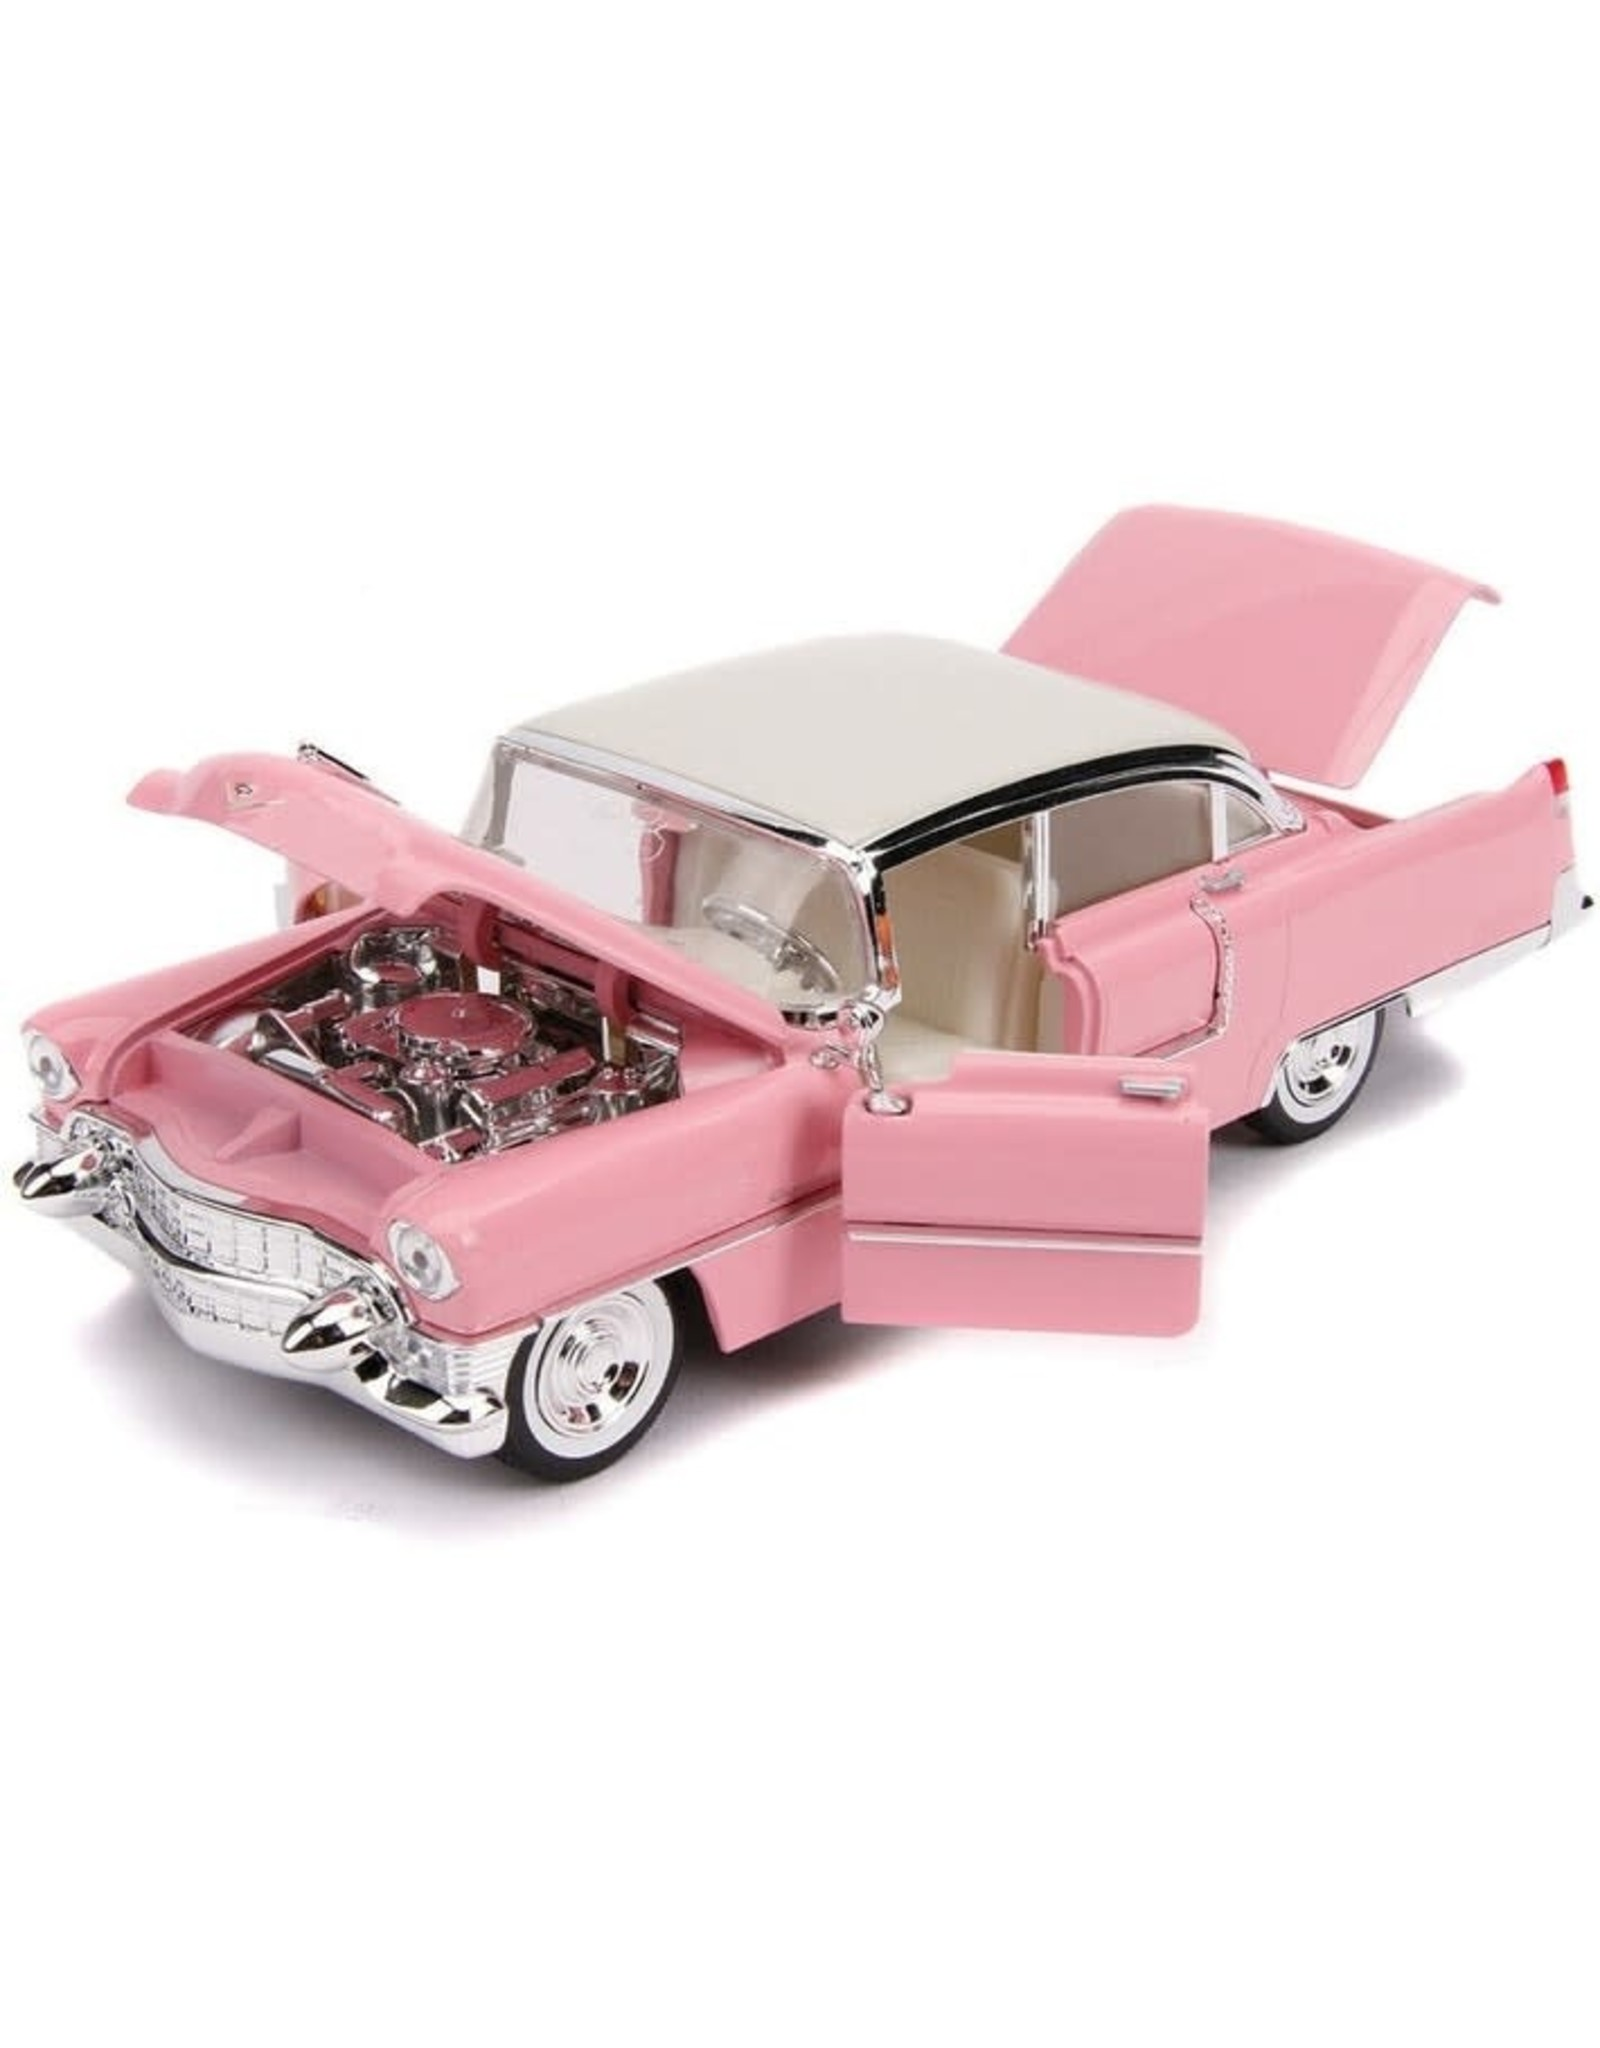 Jada Elvis Presley 1955 Cadillac Fleetwood